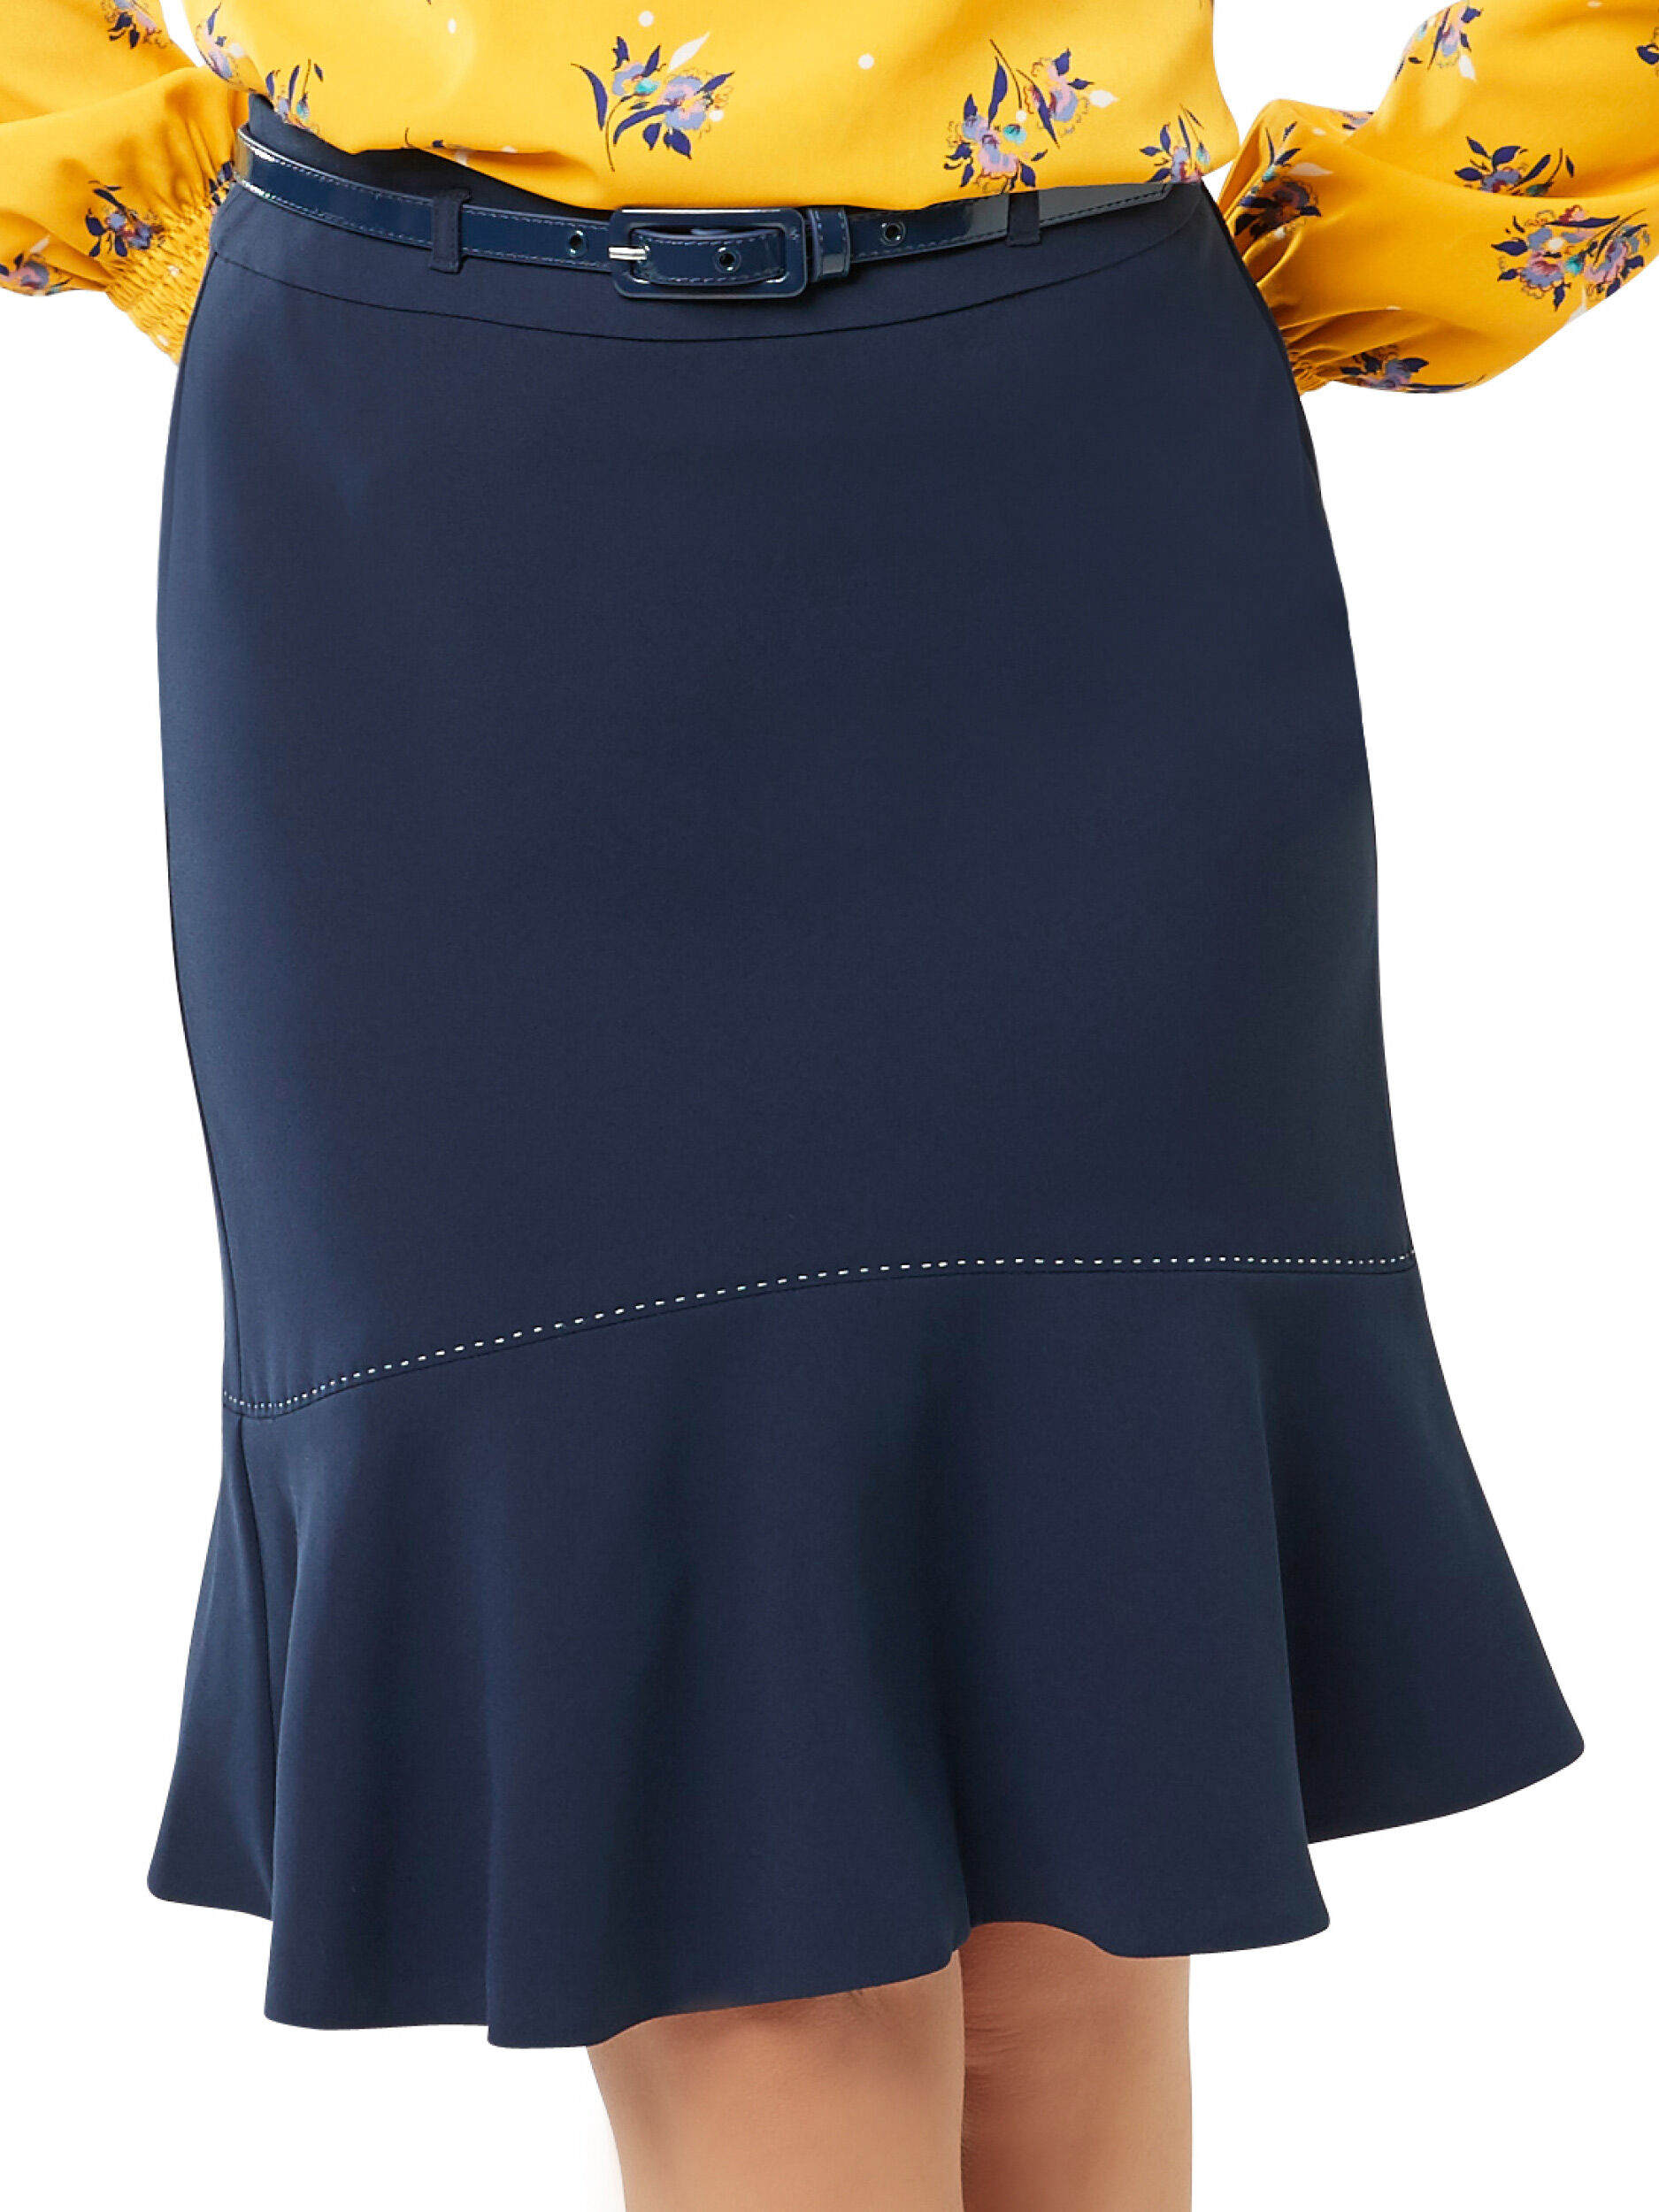 Jenner Skirt